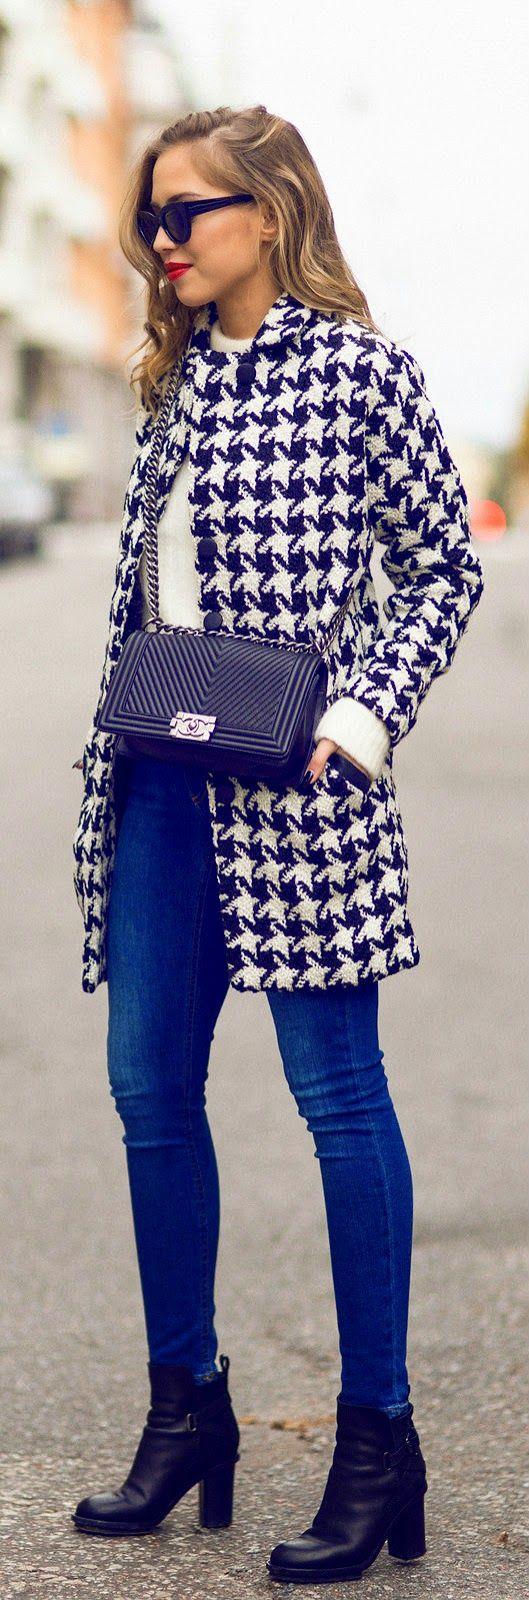 Модное пальто весны 2016 с узором гусиные лапки – популярная модель этого сезона